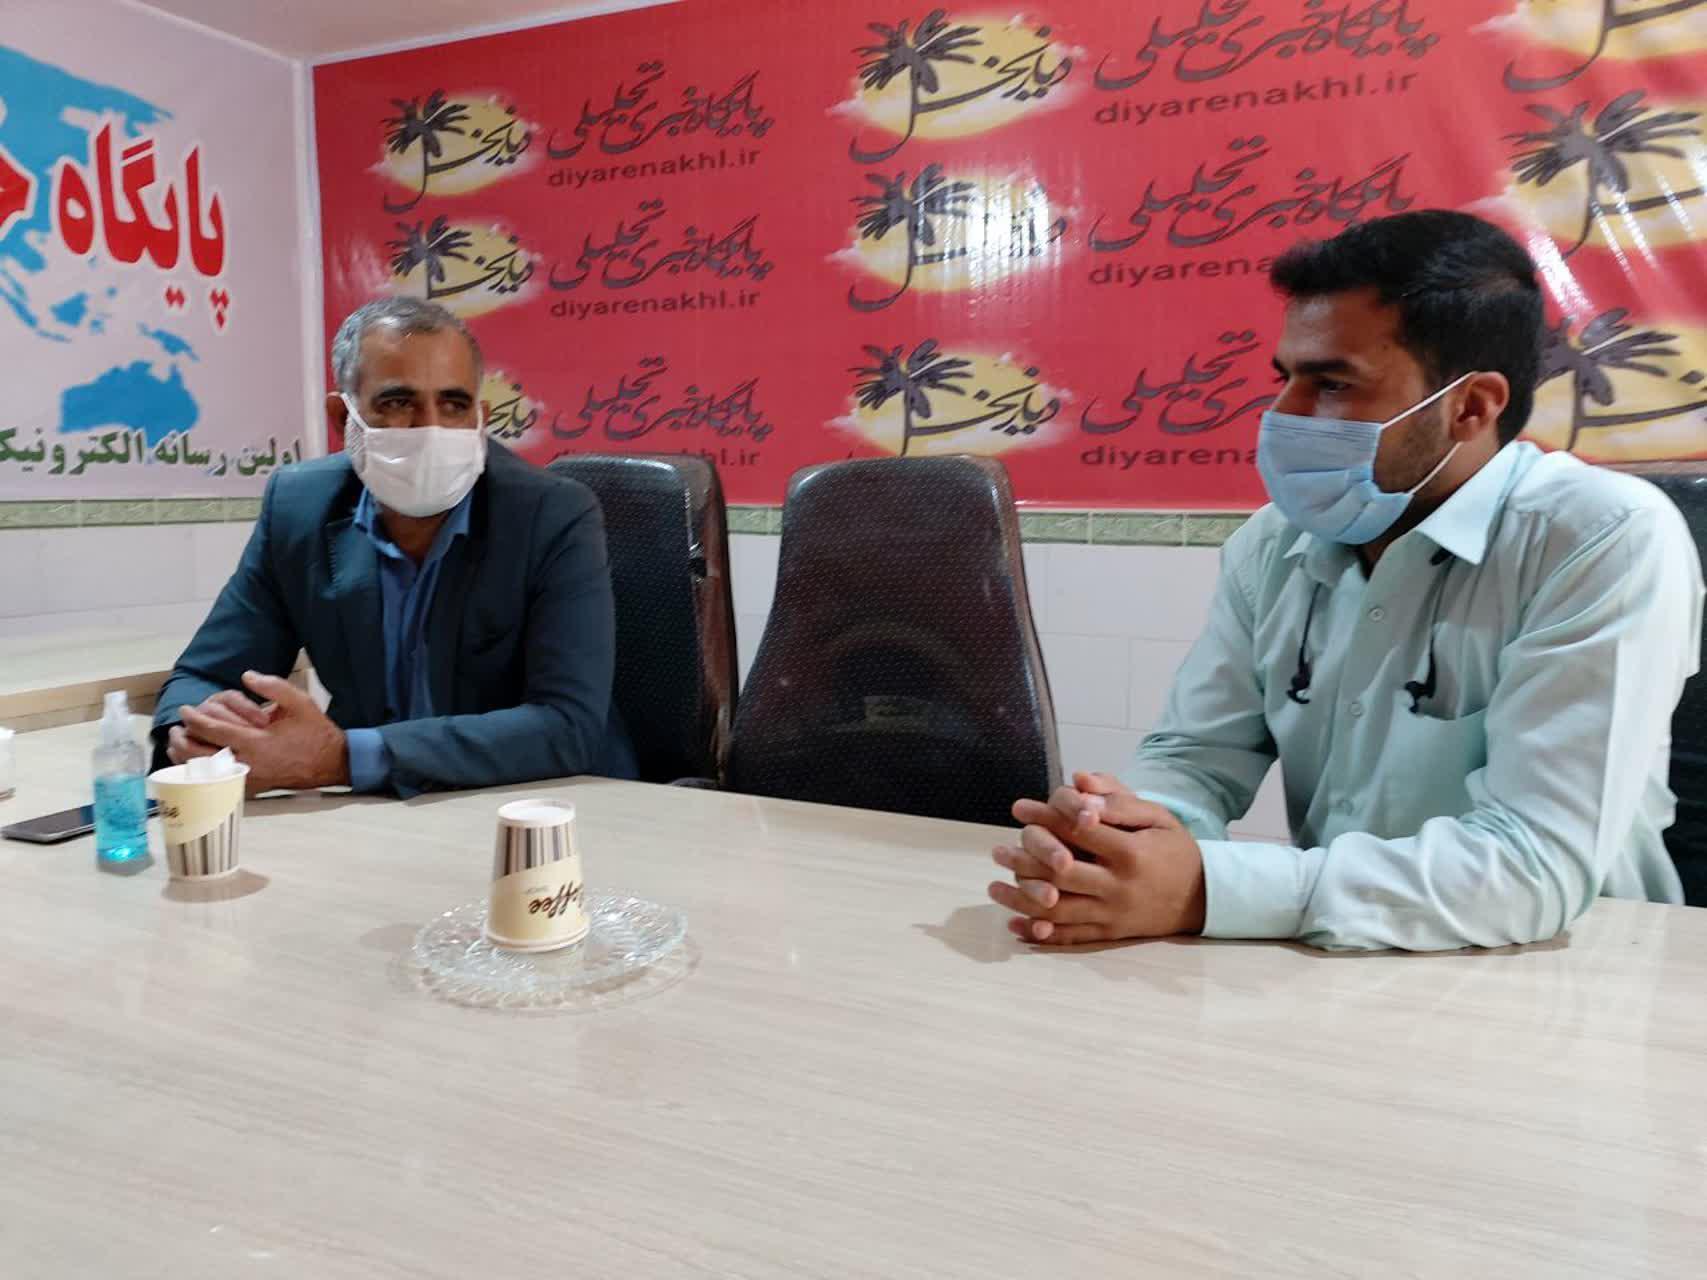 بازدید رئیس کمیته امداد امام خمینی (ره) و مسئول زکات شهرستان ریگان از دفتر پایگاه خبری دیار نخل